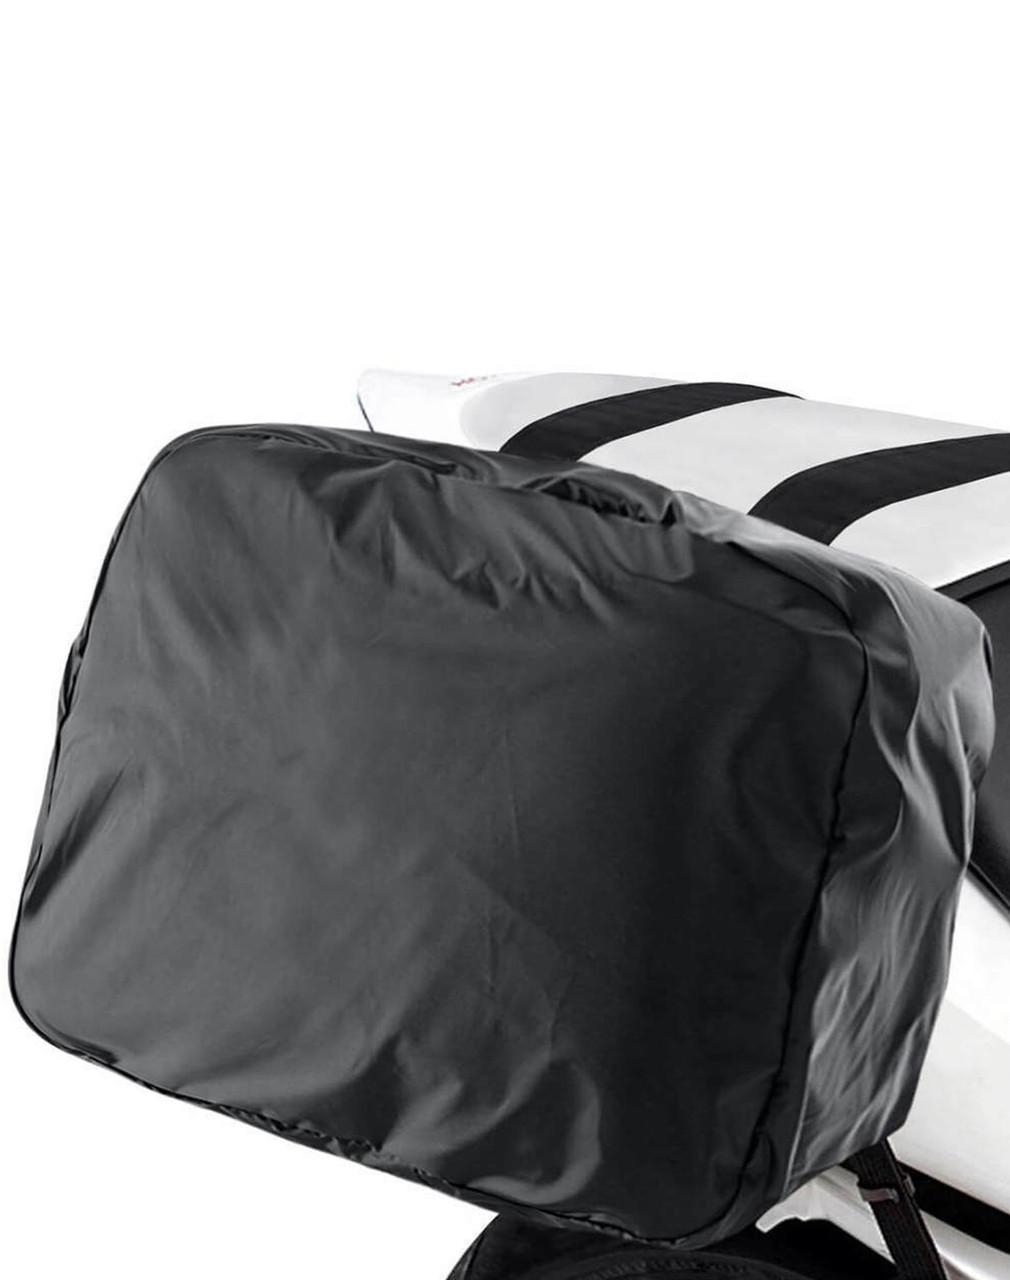 Viking Extra Large Black Motorcycle Triumph Bonneville T120 Saddlebags Rain Cover